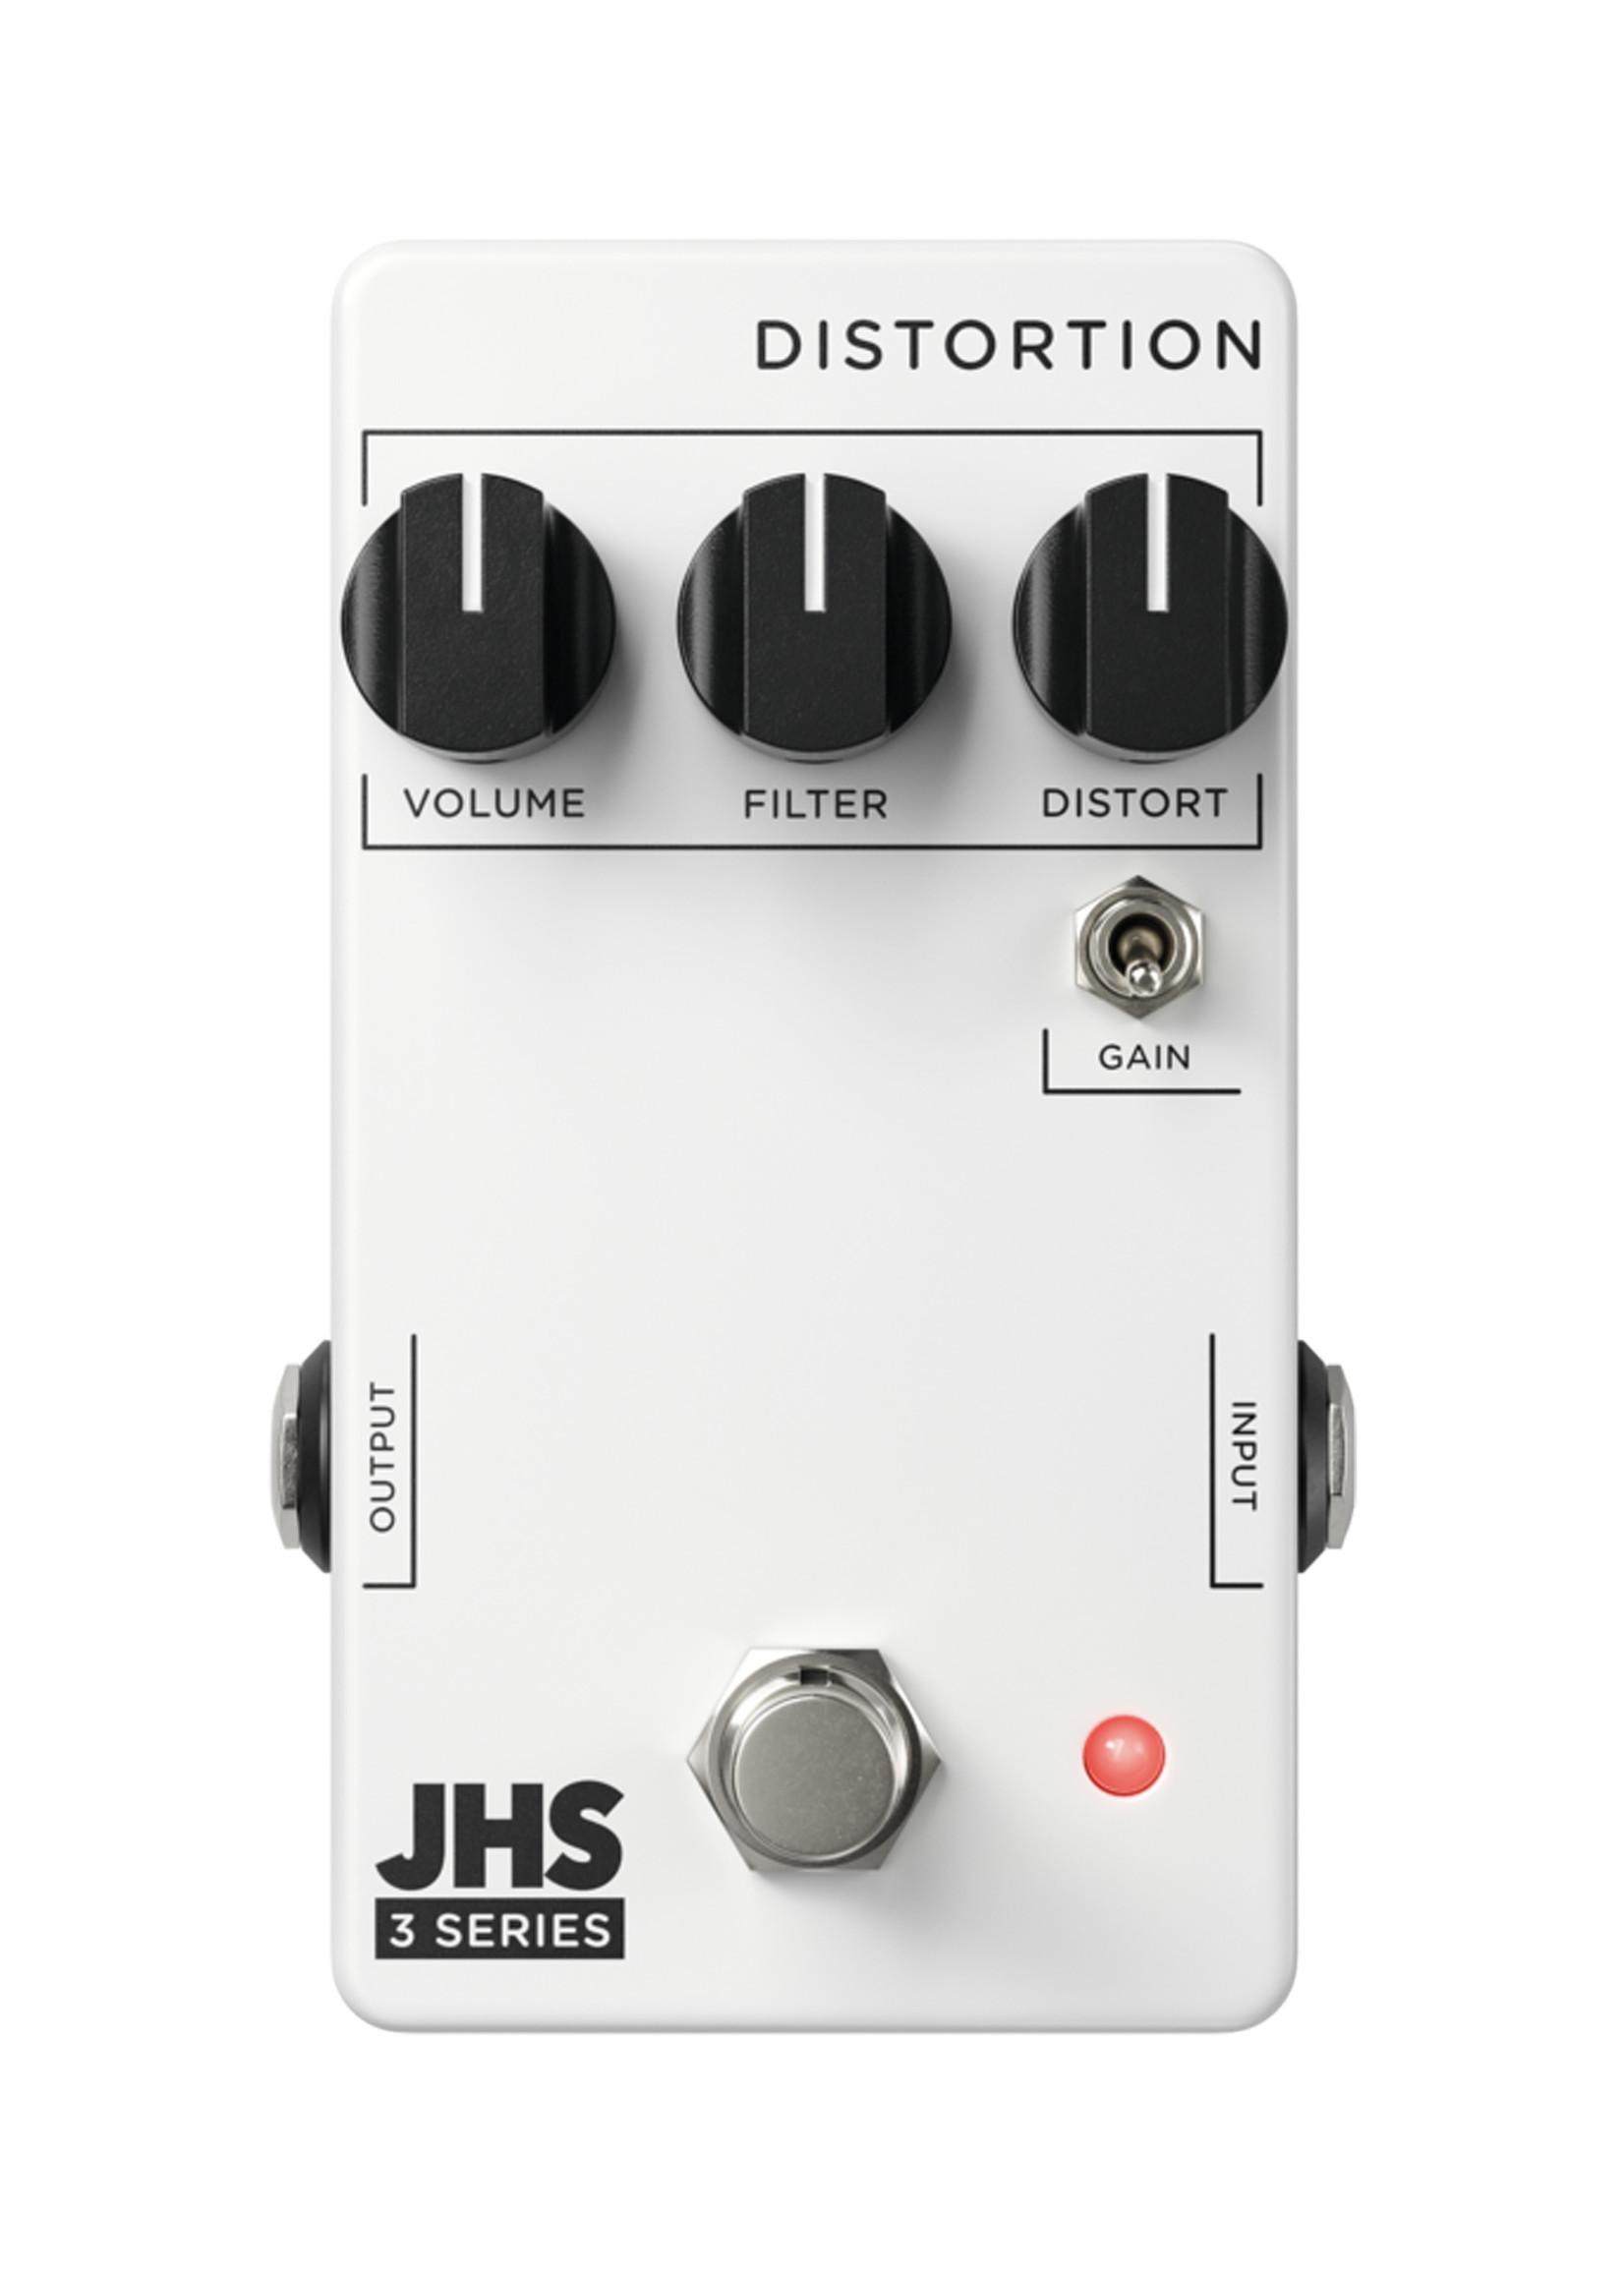 JHS JHS 3 Series Distortion